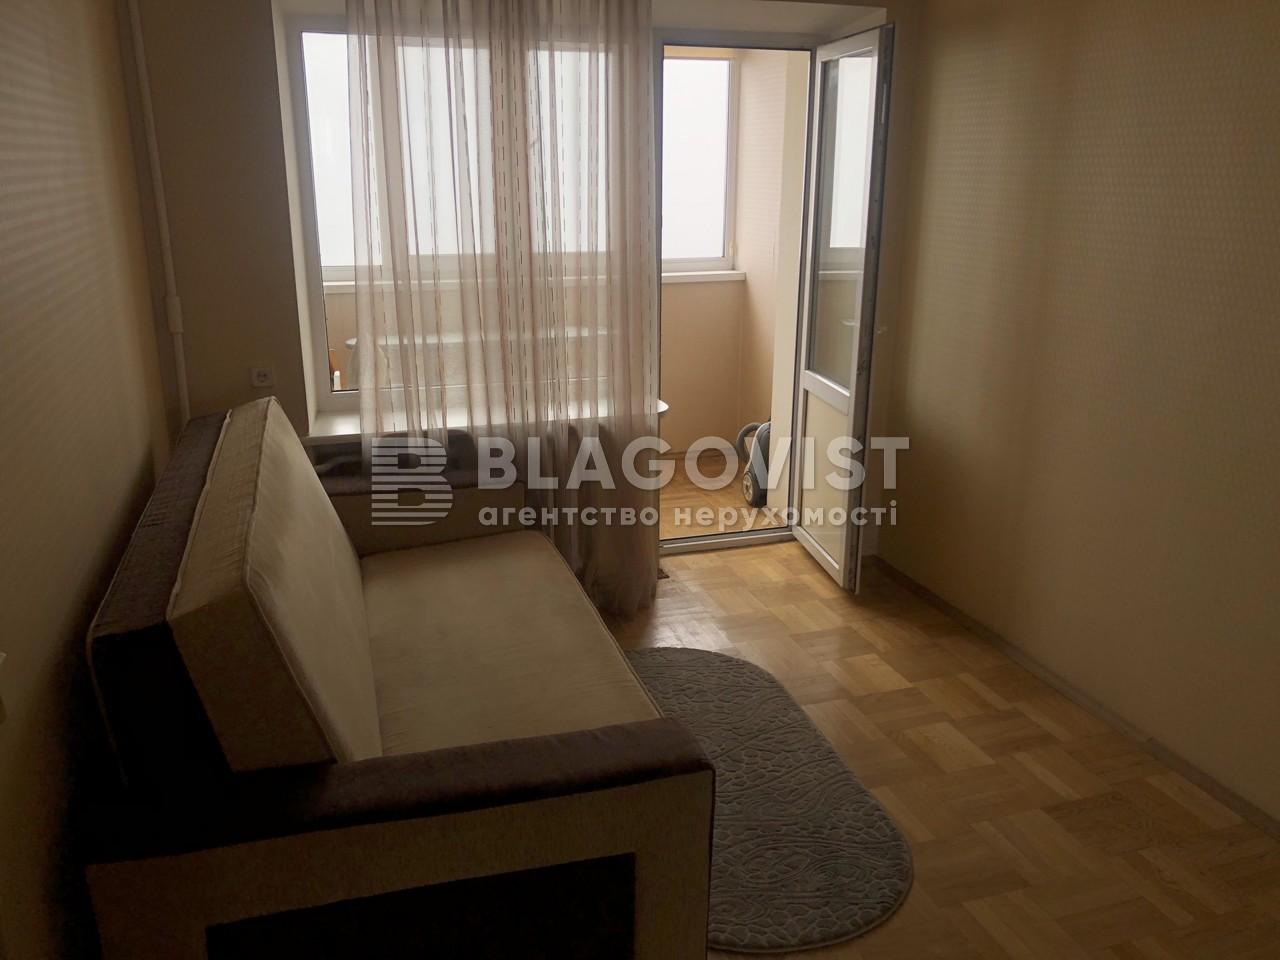 Квартира R-3023, Леси Украинки бульв., 19, Киев - Фото 8